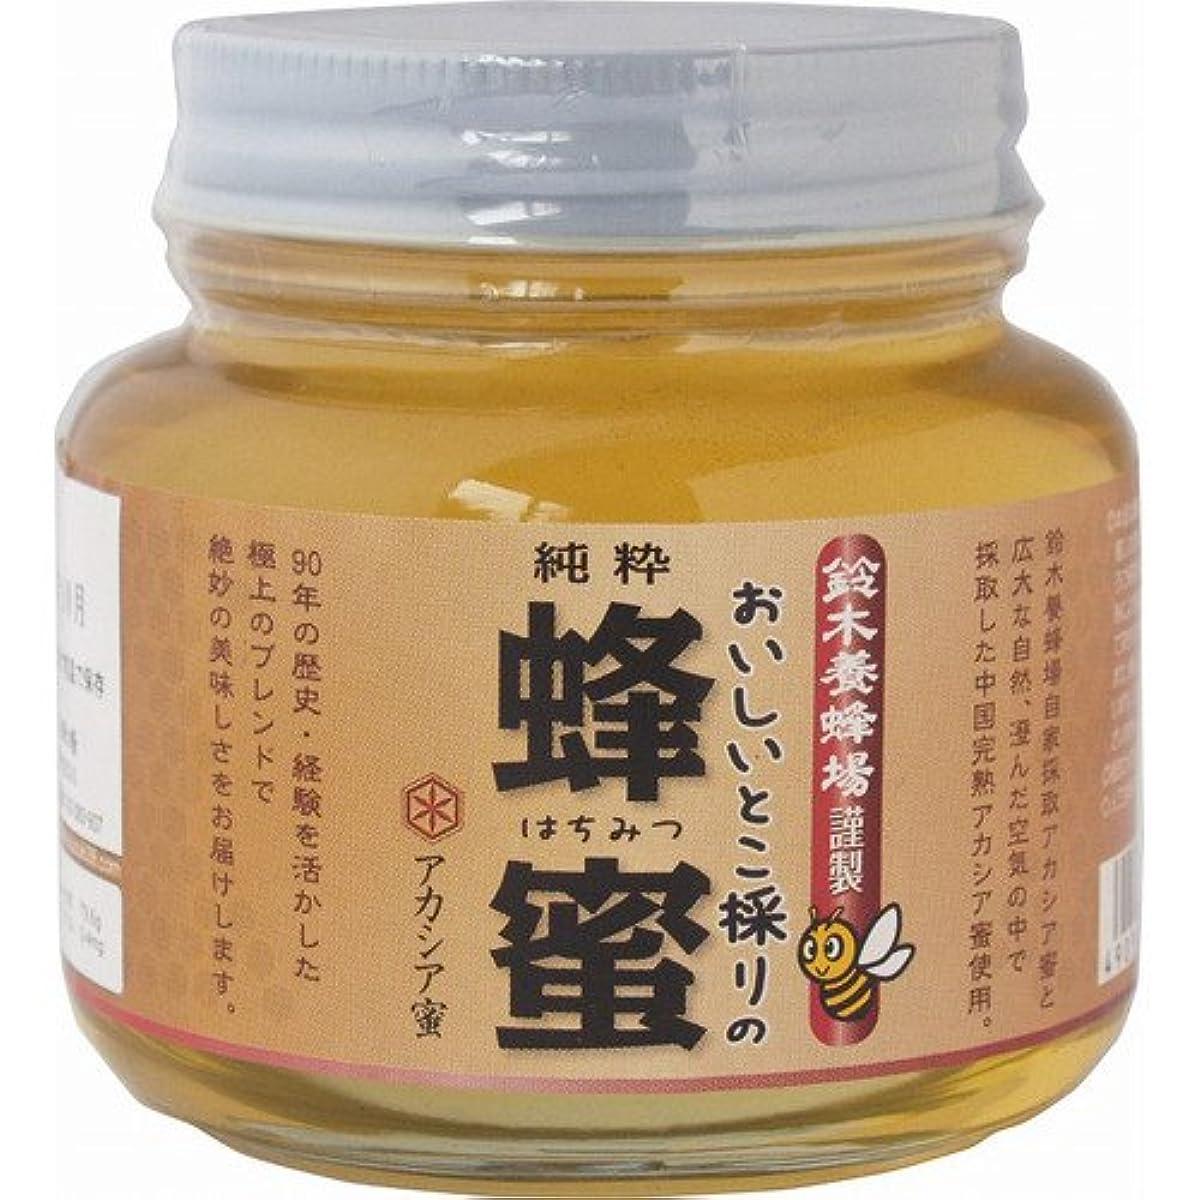 人類近所の鯨鈴木養蜂場 おいしいとこ採り蜂蜜アカシア 450g